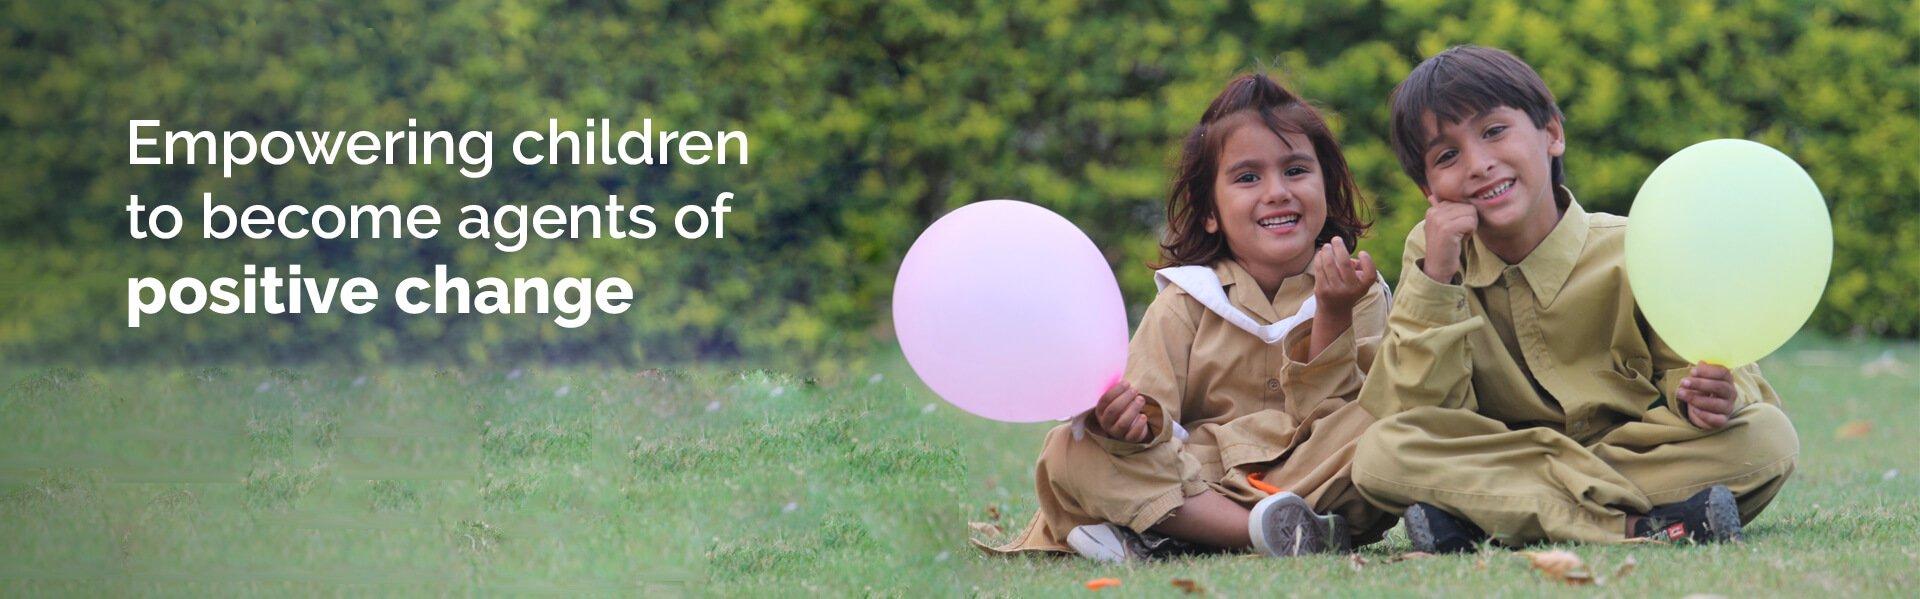 empowering-children-home-banner